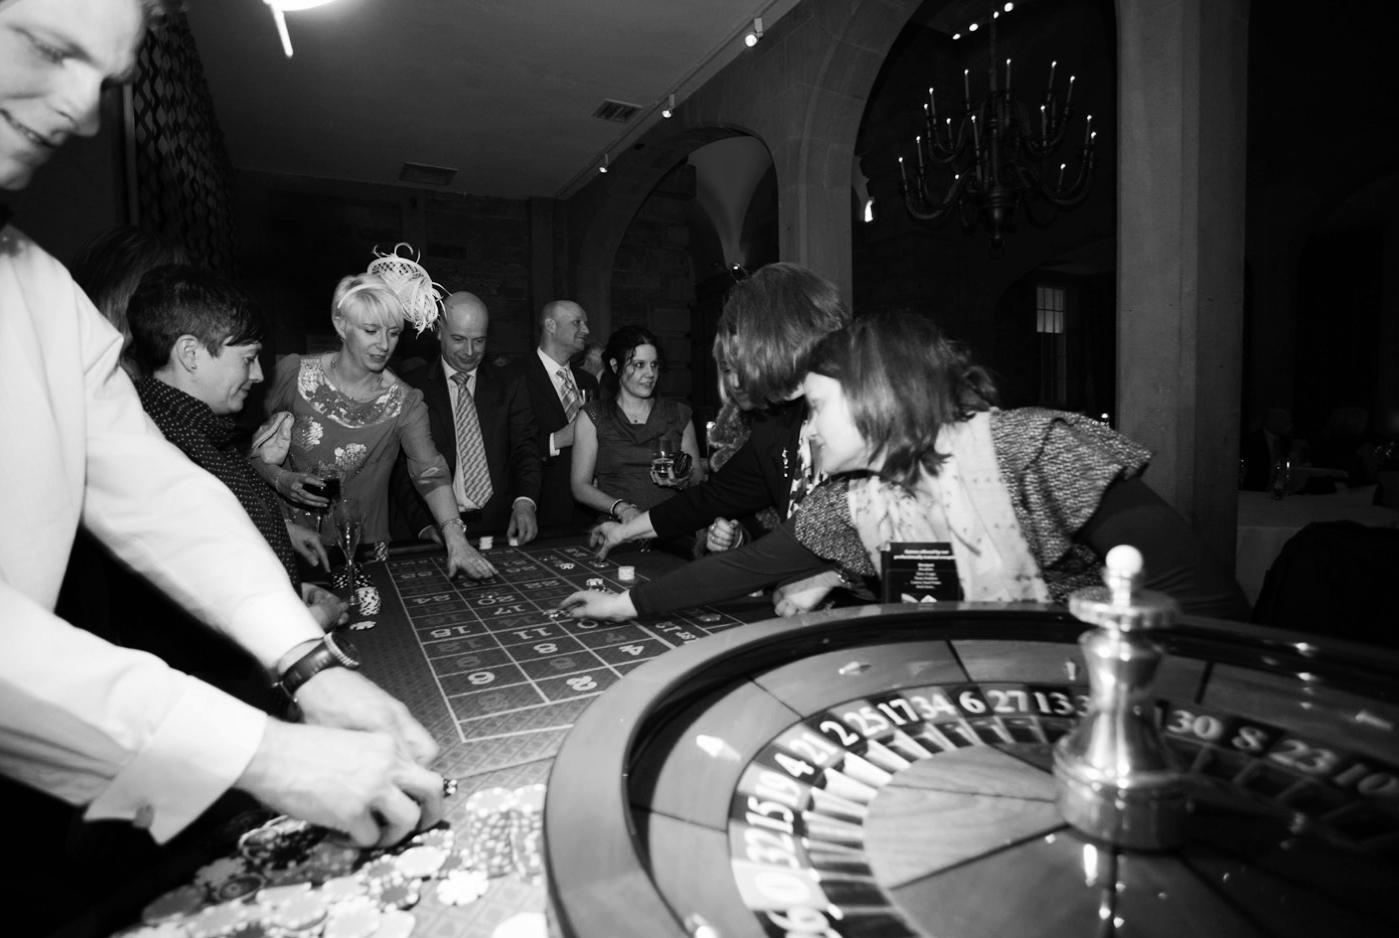 Blackjack Fun Casino featured on www.mpmedia.co.uk